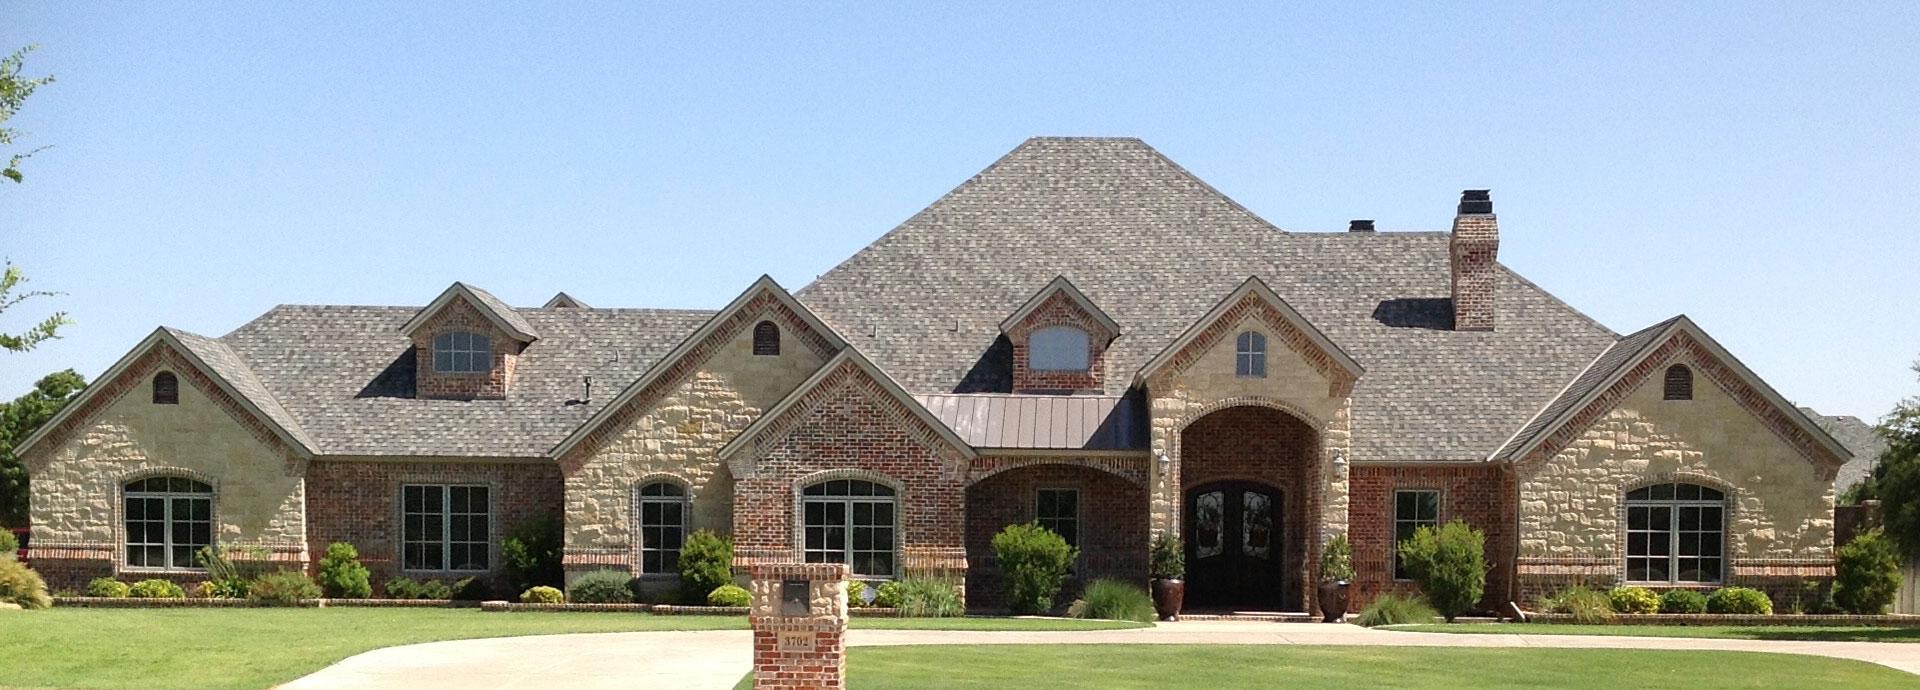 About Alan Tidmore Custom Homes Inc. slide 1